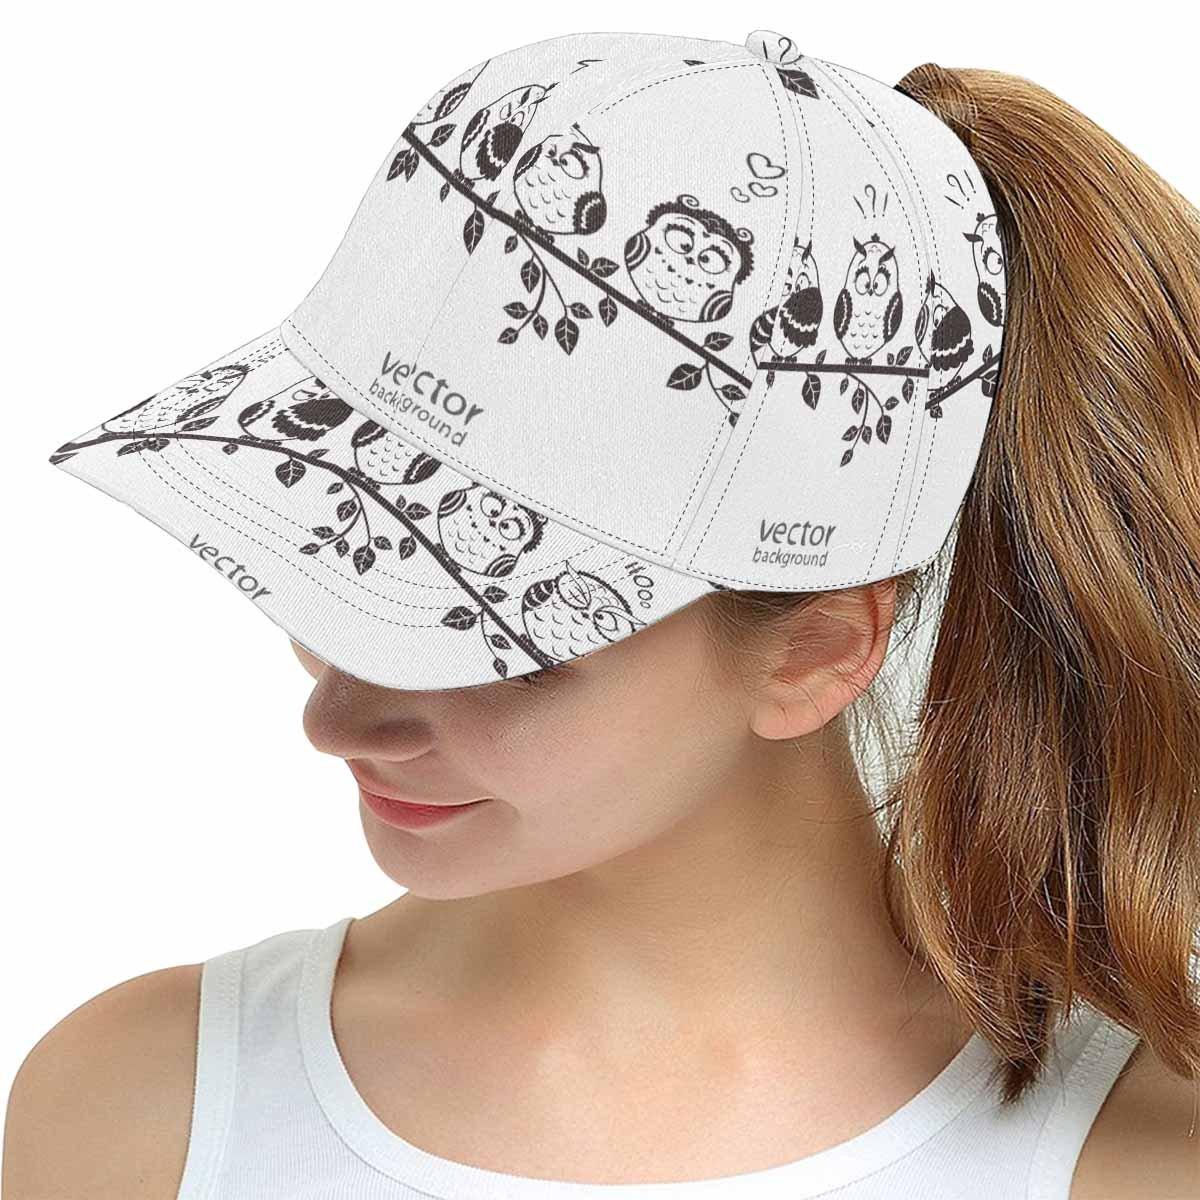 InterestPrint Custom Fantasy Women Men Adjustable Baseball Cap